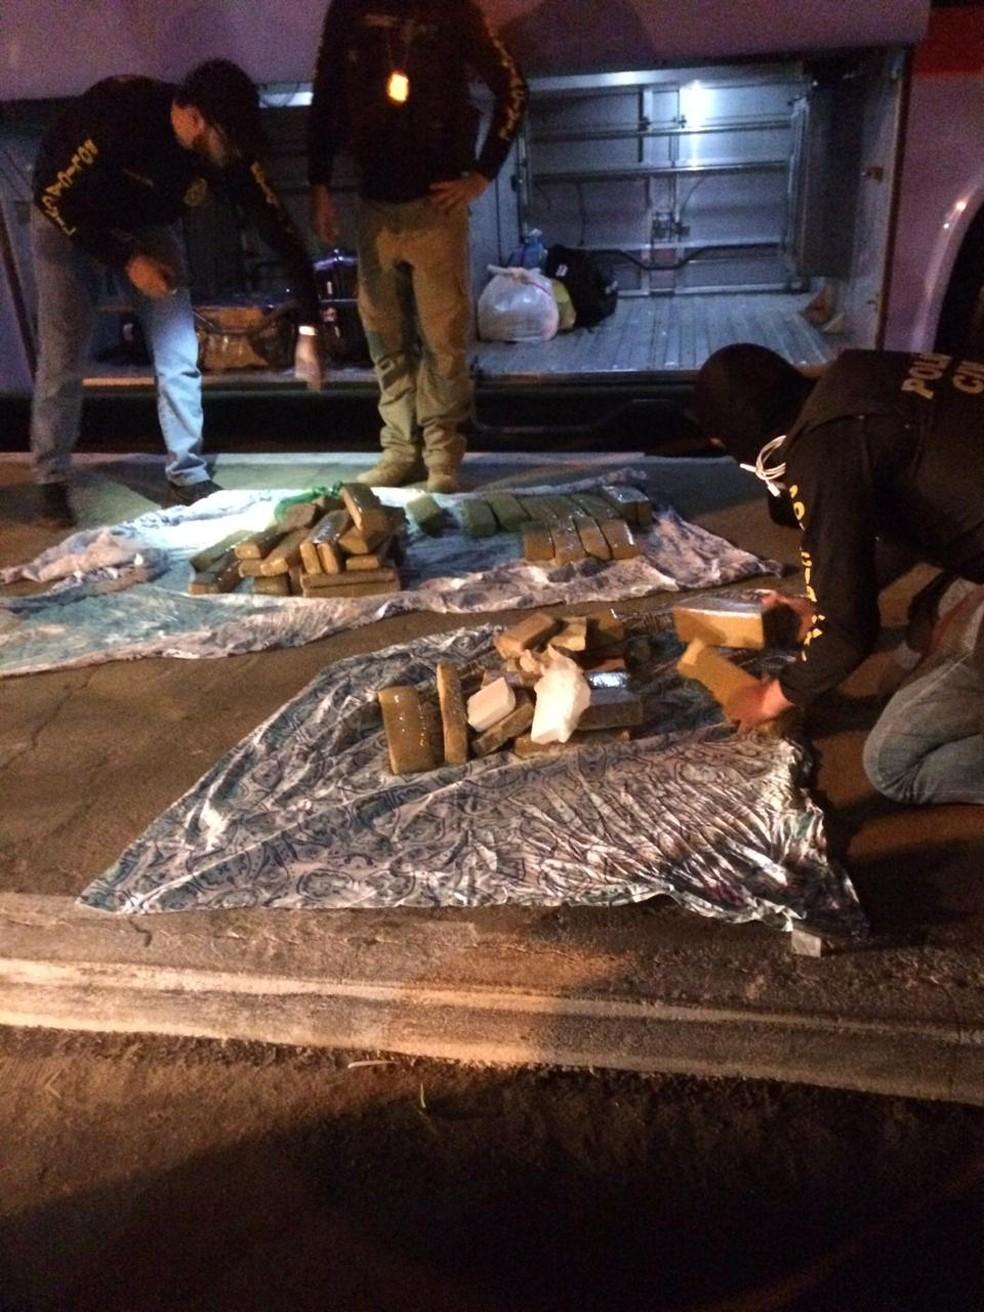 Os quase 50 kg de drogas foram encontrados em ônibus rodoviário em Missão Velha, no Ceará. — Foto: Polícia Civil